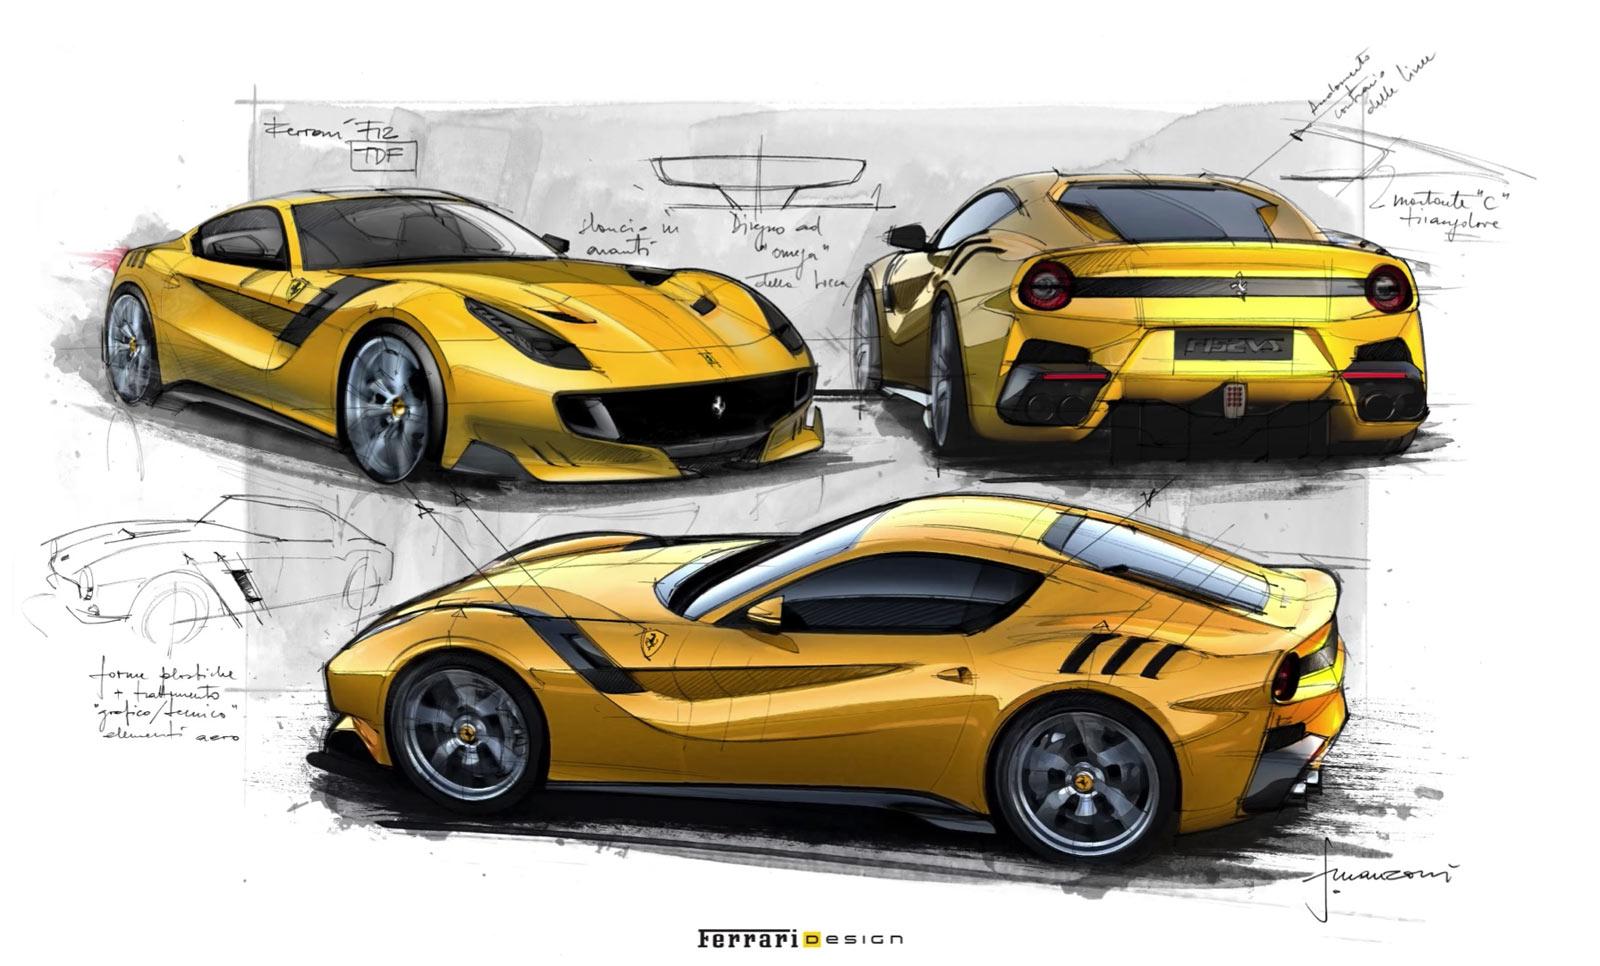 Ferrari's firebrand | Luxury car design | Speed date ... |Ferrari Design Sketches